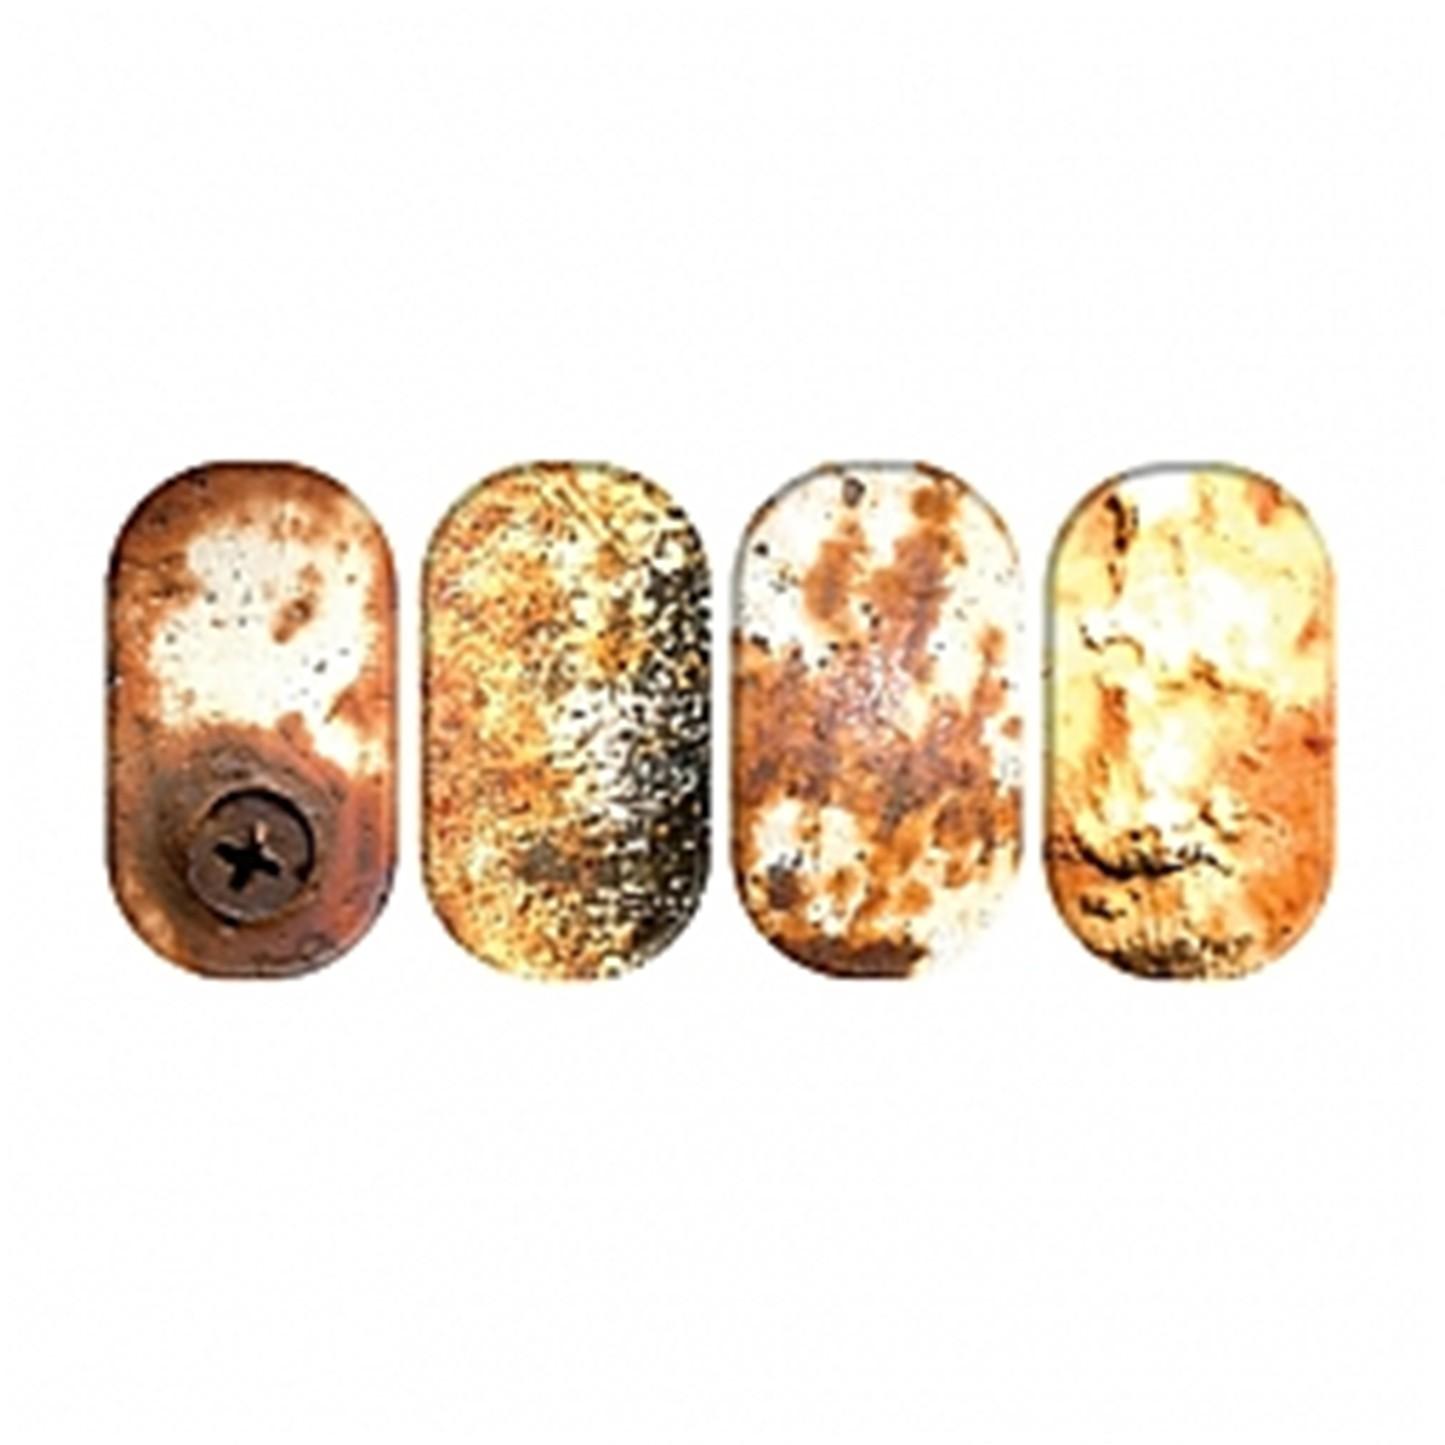 Rusty Nail- Donald Simrock